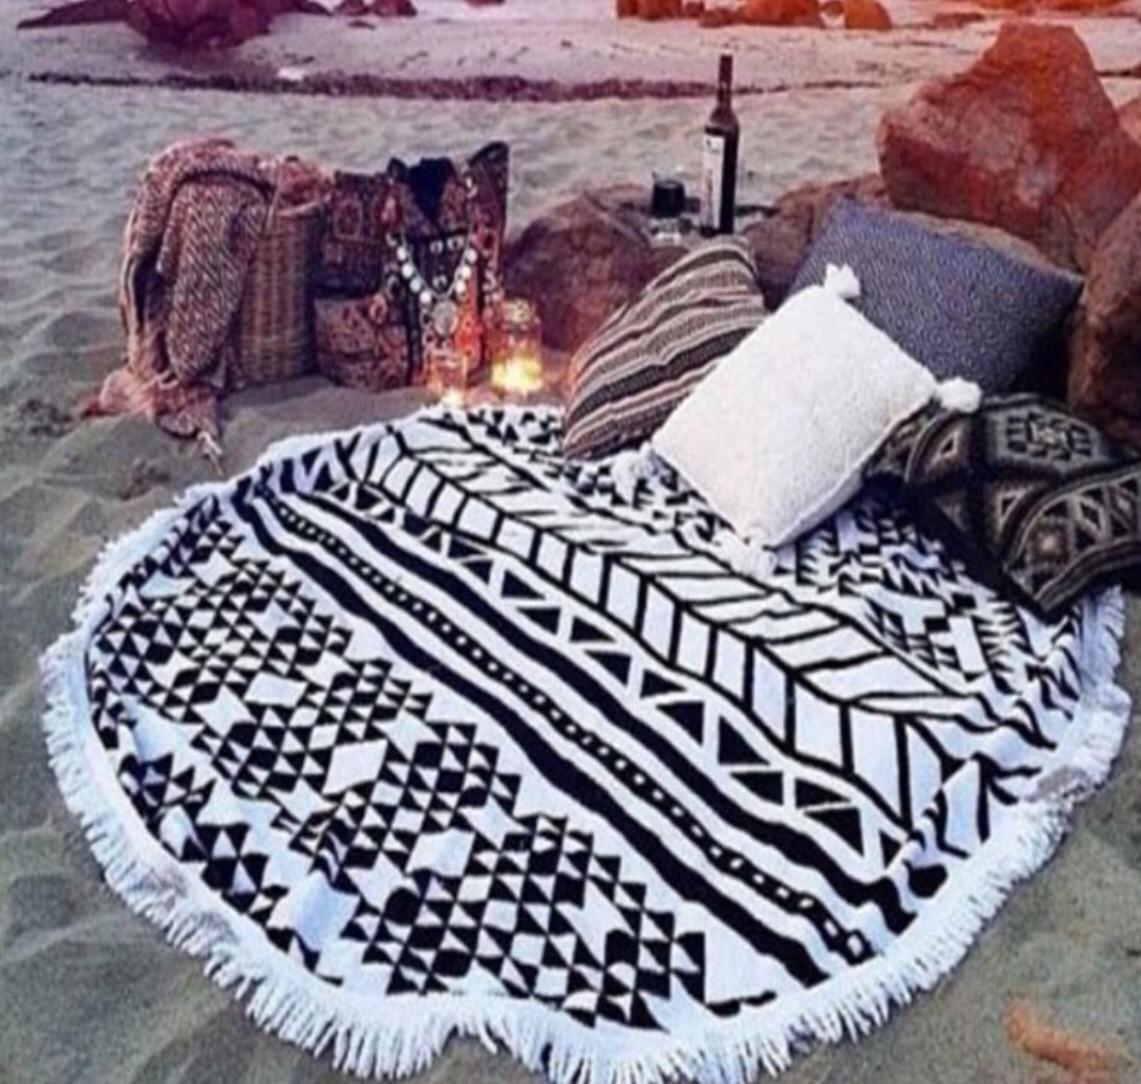 Подстилка для пляжа круглая черно-белая с геометрическим узором